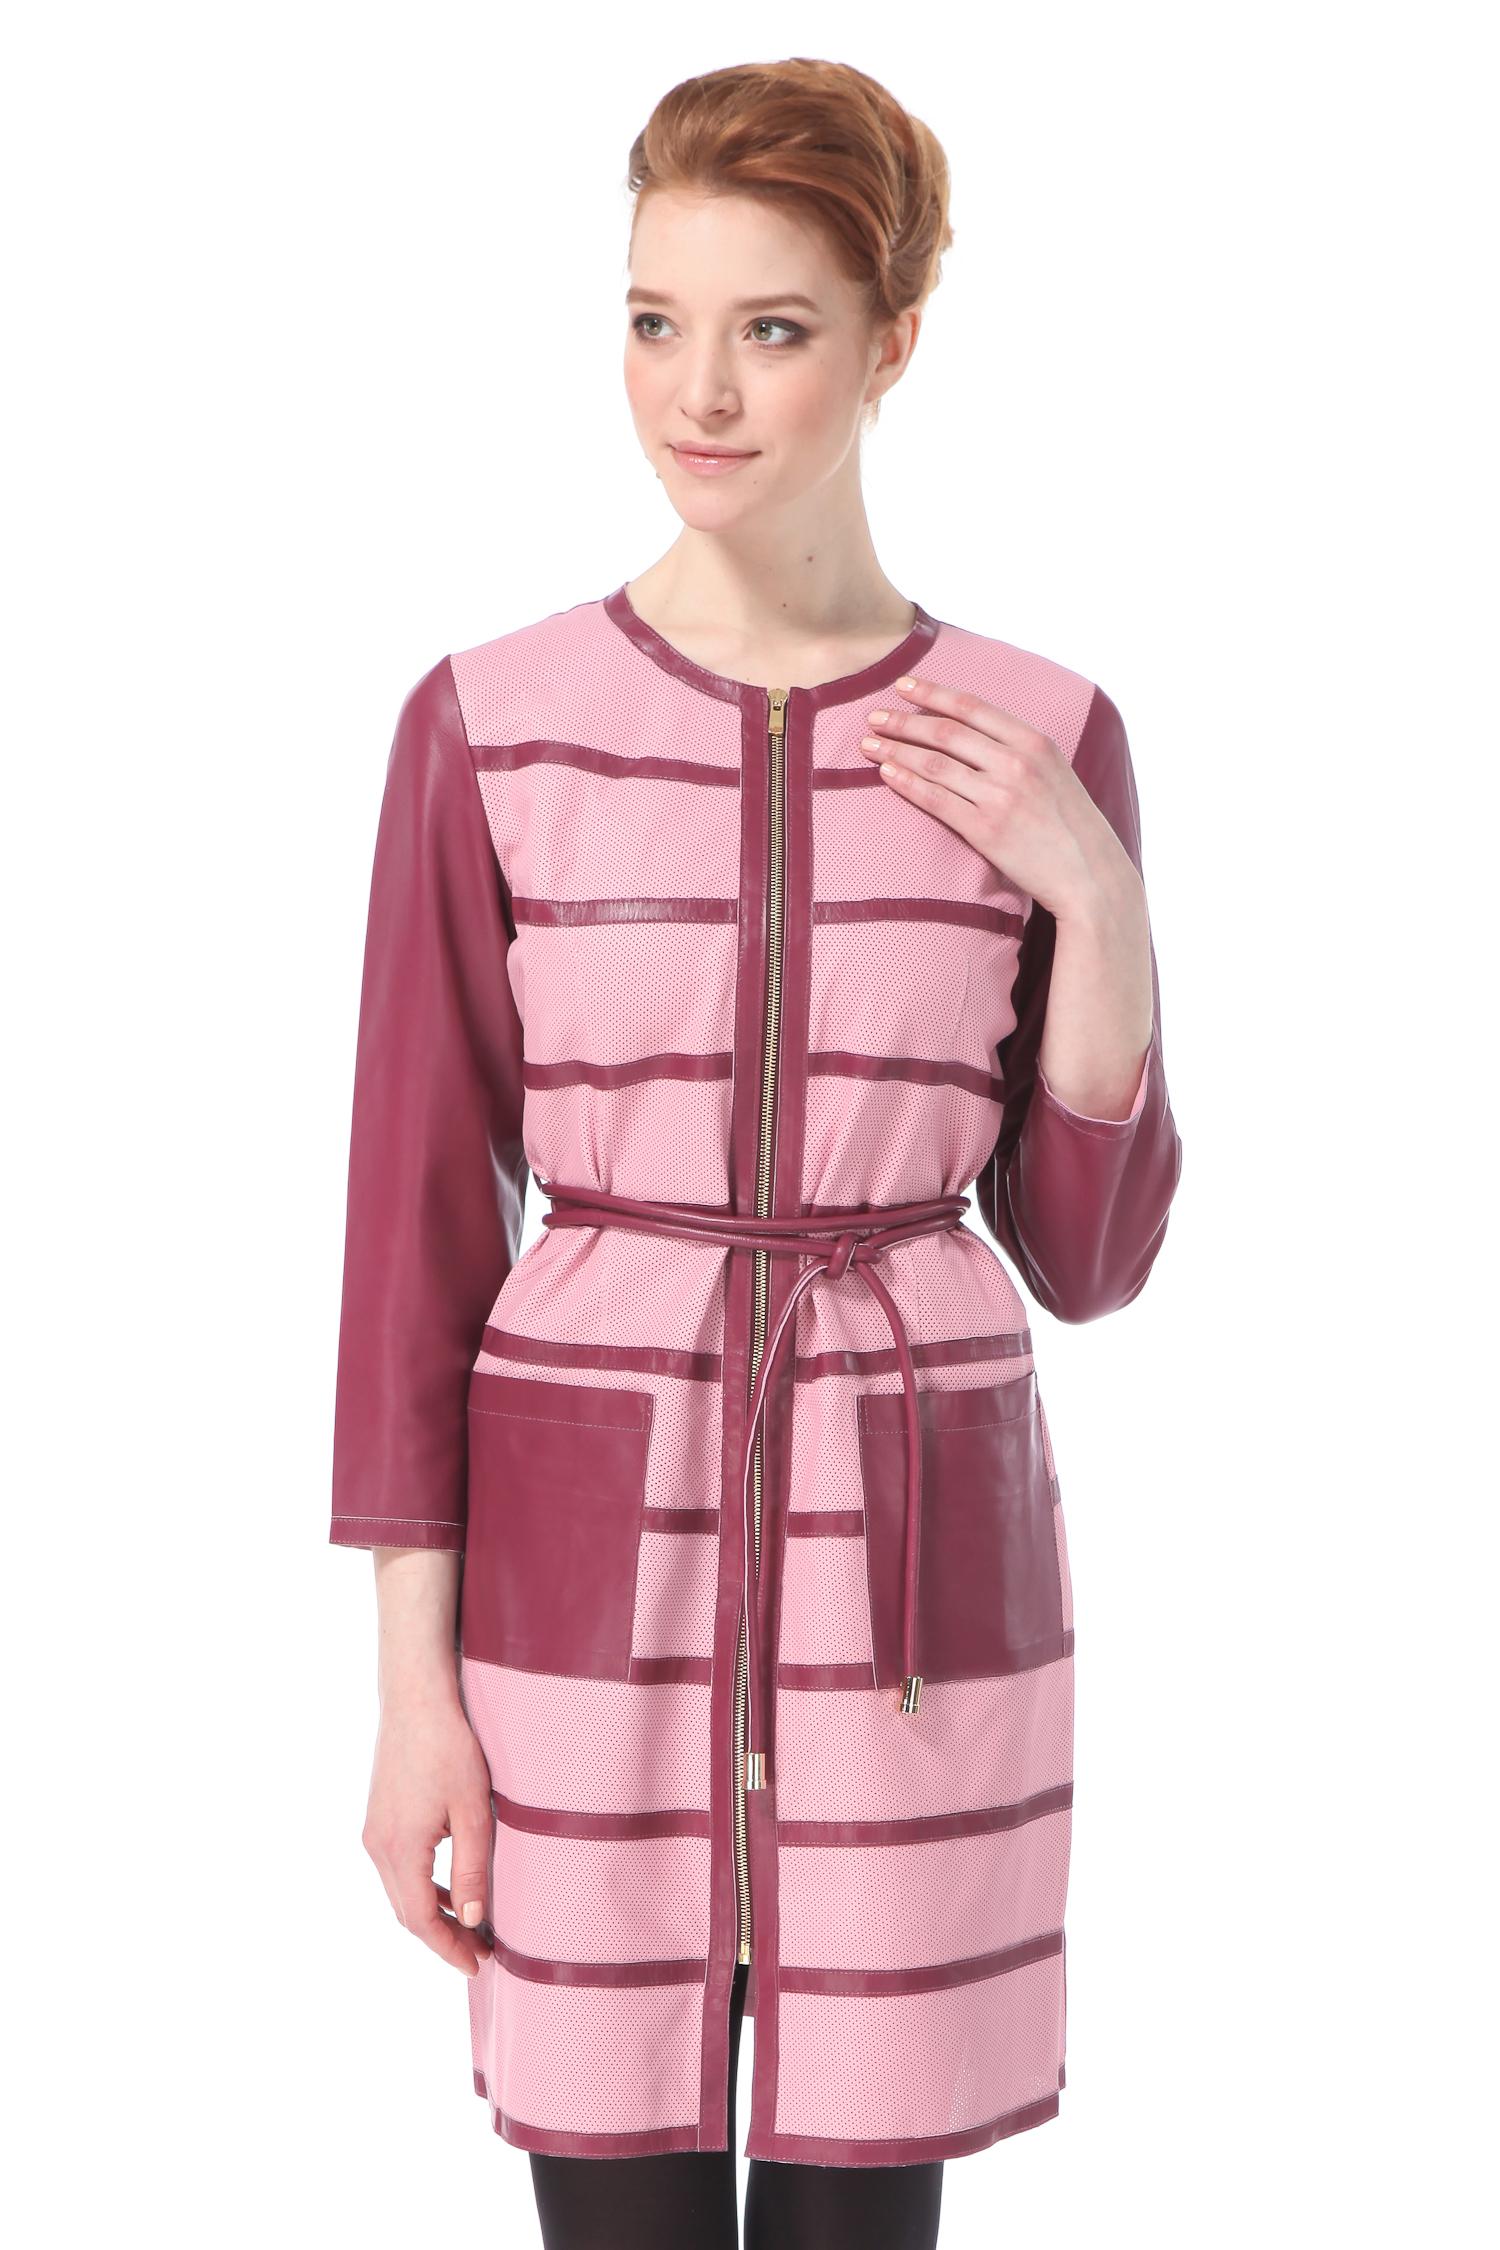 Женское кожаное пальто из натуральной кожи с воротником, без отделки<br><br>Длина см: Длинная (свыше 90)<br>Материал: Кожа овчина<br>Цвет: розовый<br>Застежка: на молнии<br>Пол: Женский<br>Размер RU: 50